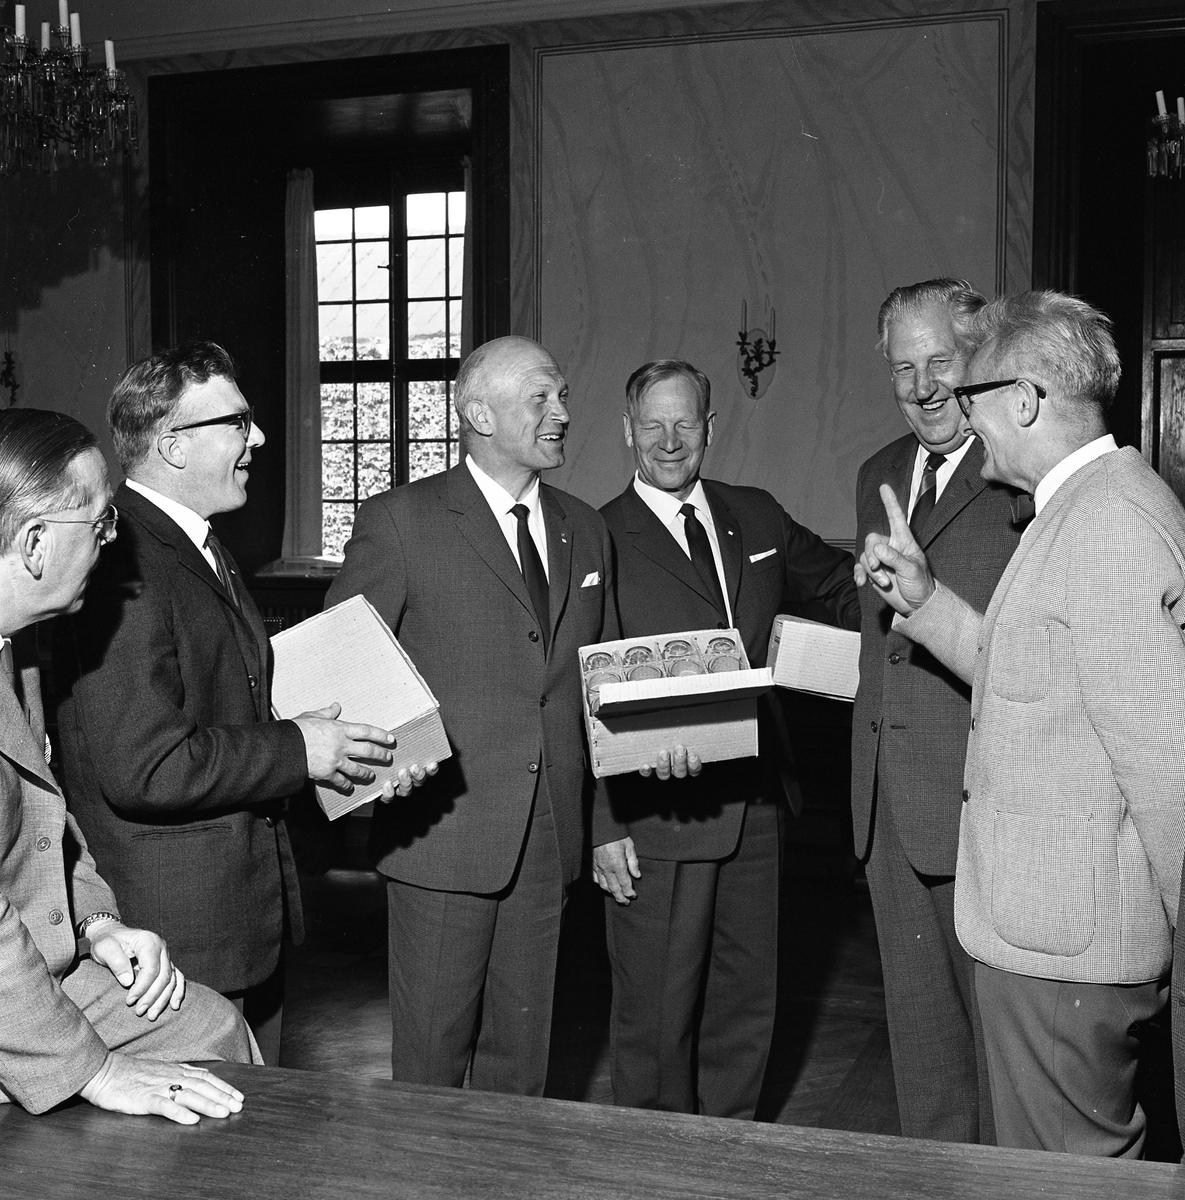 """Vänortsbesök från Hollola. Gästerna har fått, eller överlämnar, en gåva. Den leende mannen, till höger, är Folke Pettersson (Folkpartist i stadsfullmäktige) och mannen som """"läxar upp"""" de andra är Jonas Carlsson. De befinner sig i Rådhuset."""